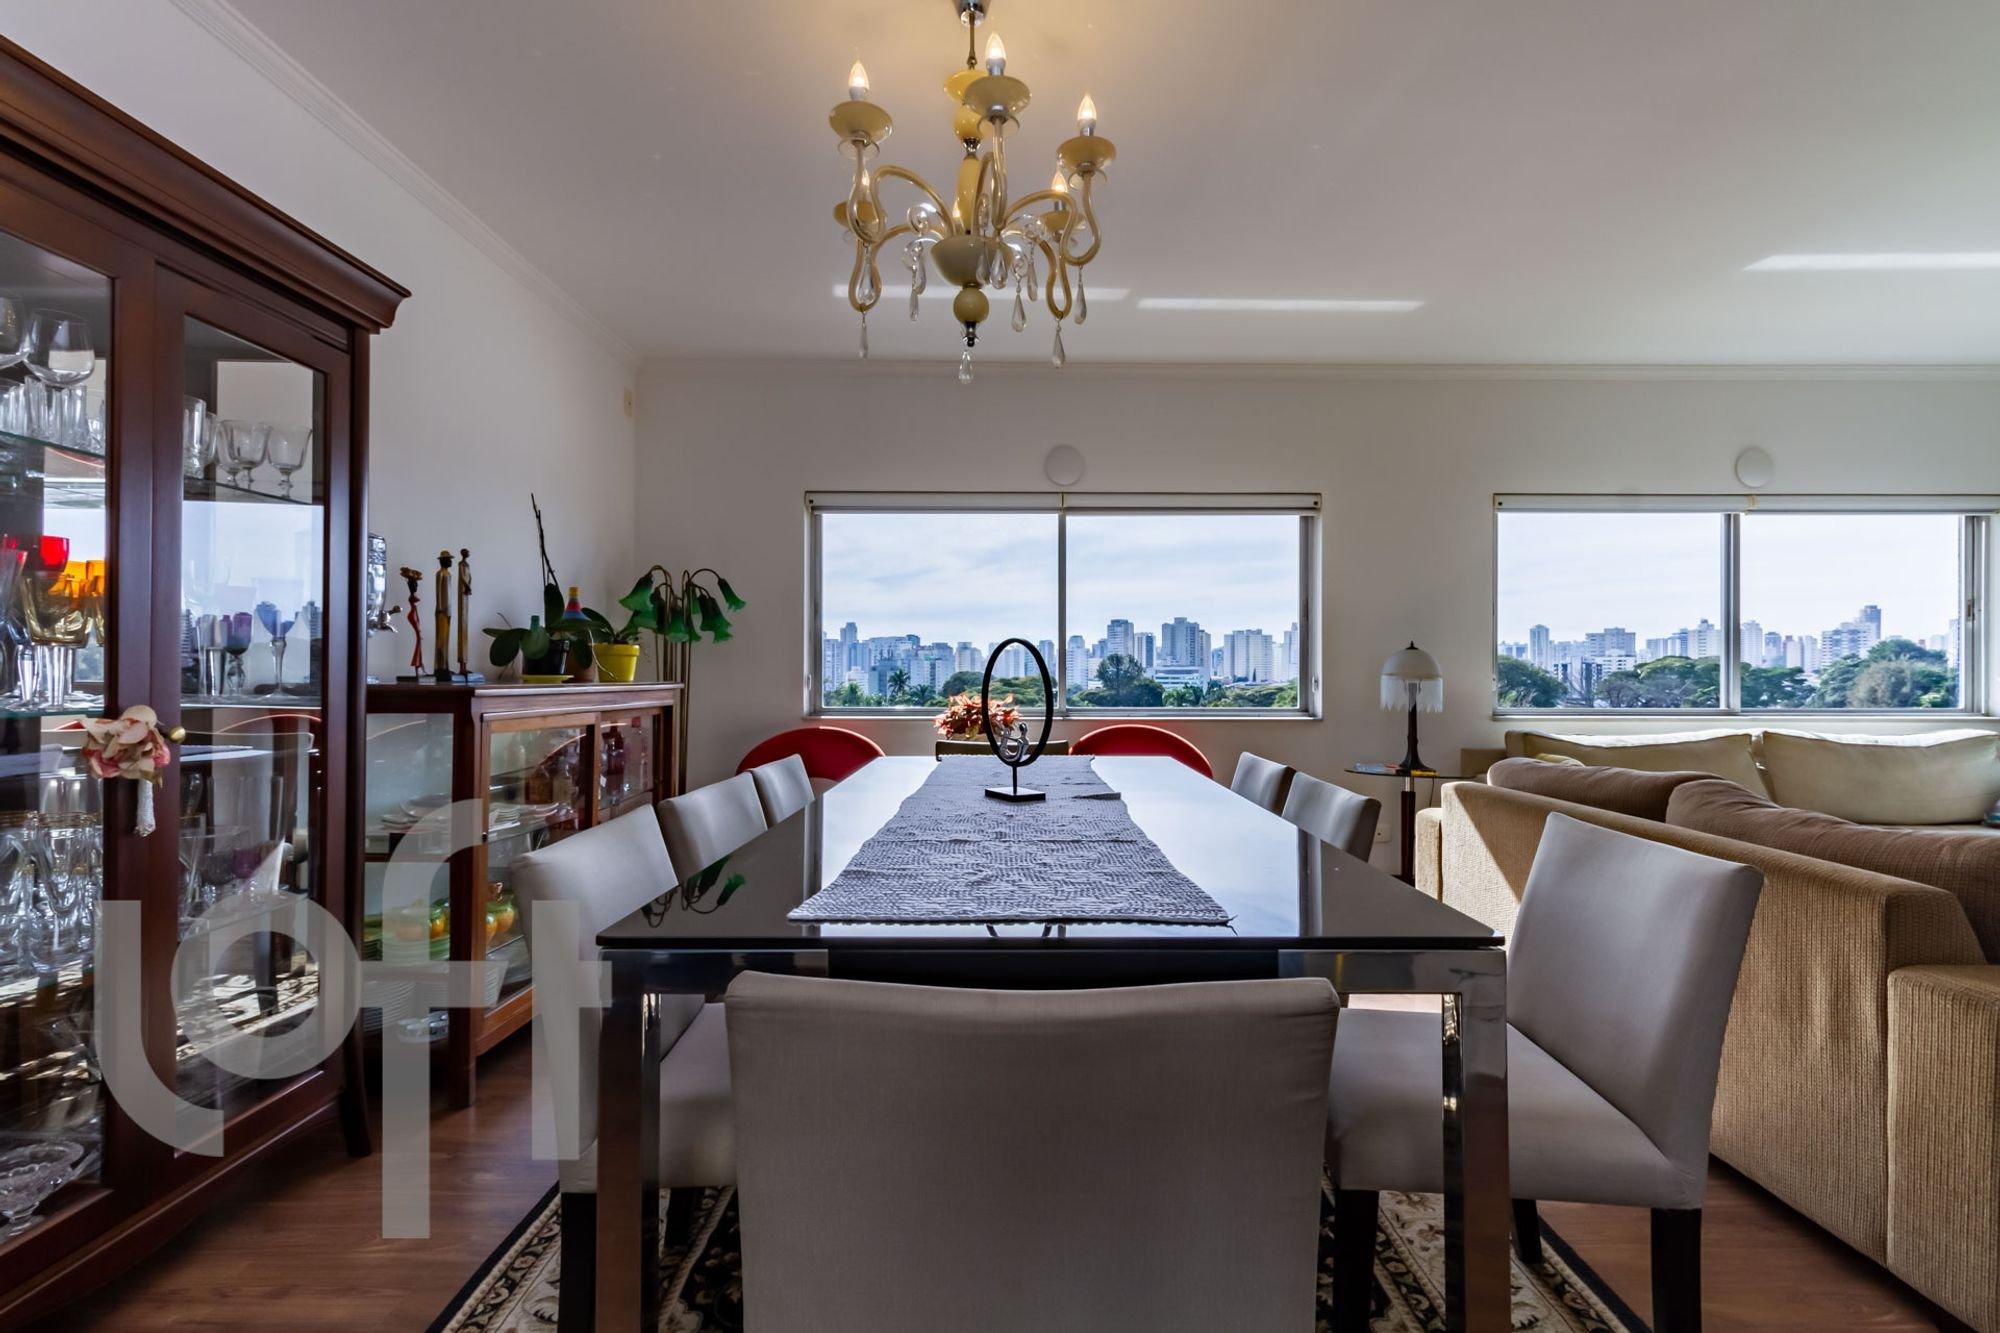 Foto de Sala com copo de vinho, sofá, relógio, cadeira, mesa de jantar